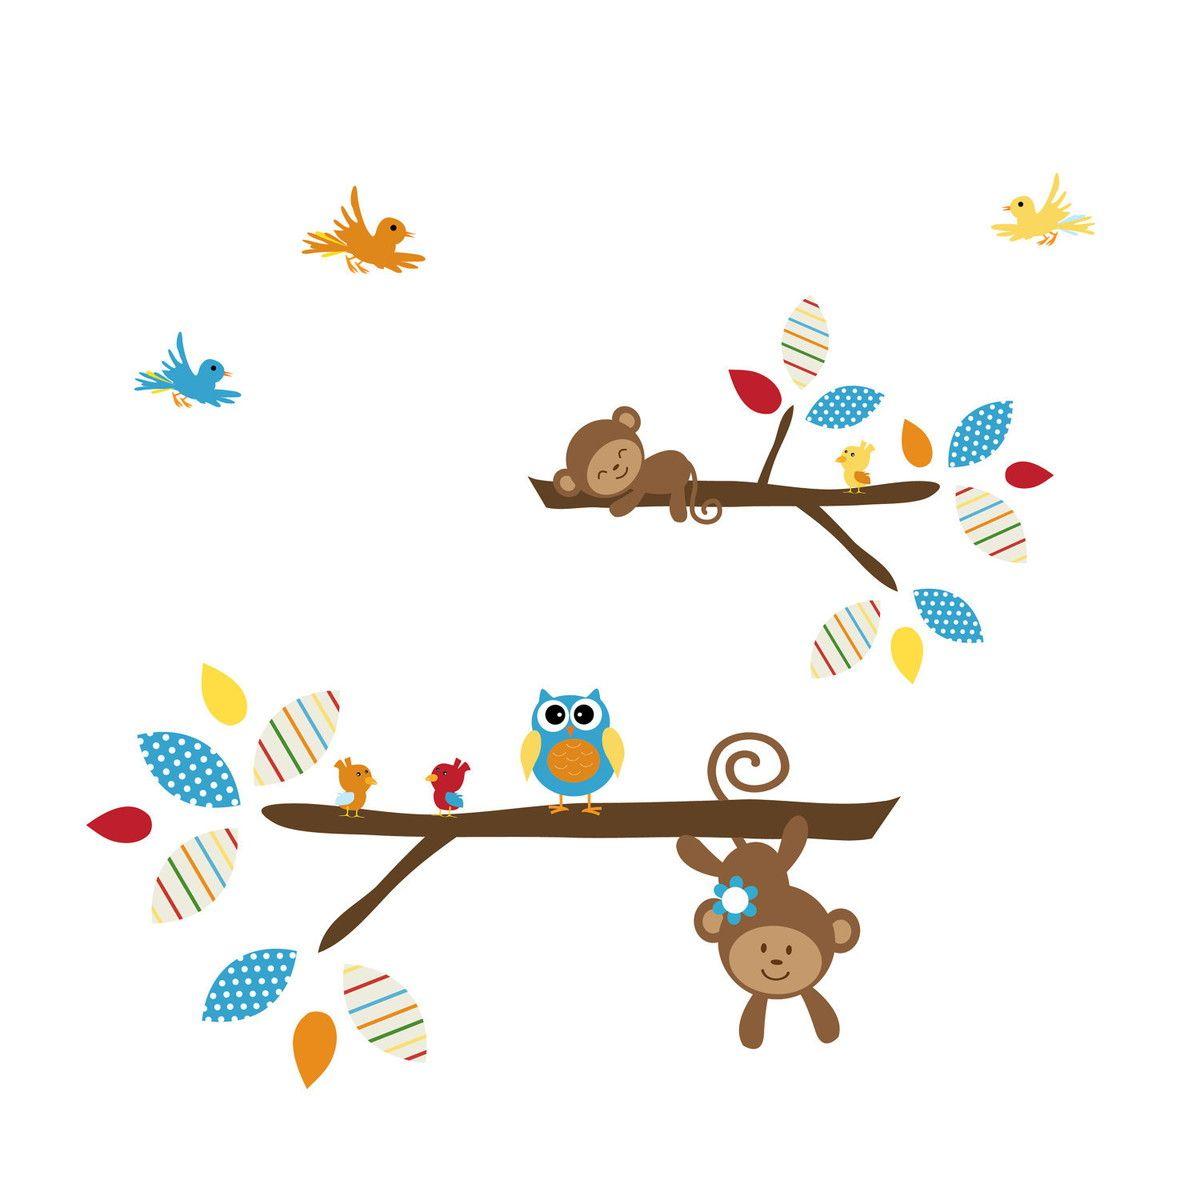 Adesivo de Parede Galho com Coruja, Pássaros e Macaquinhos 35646B